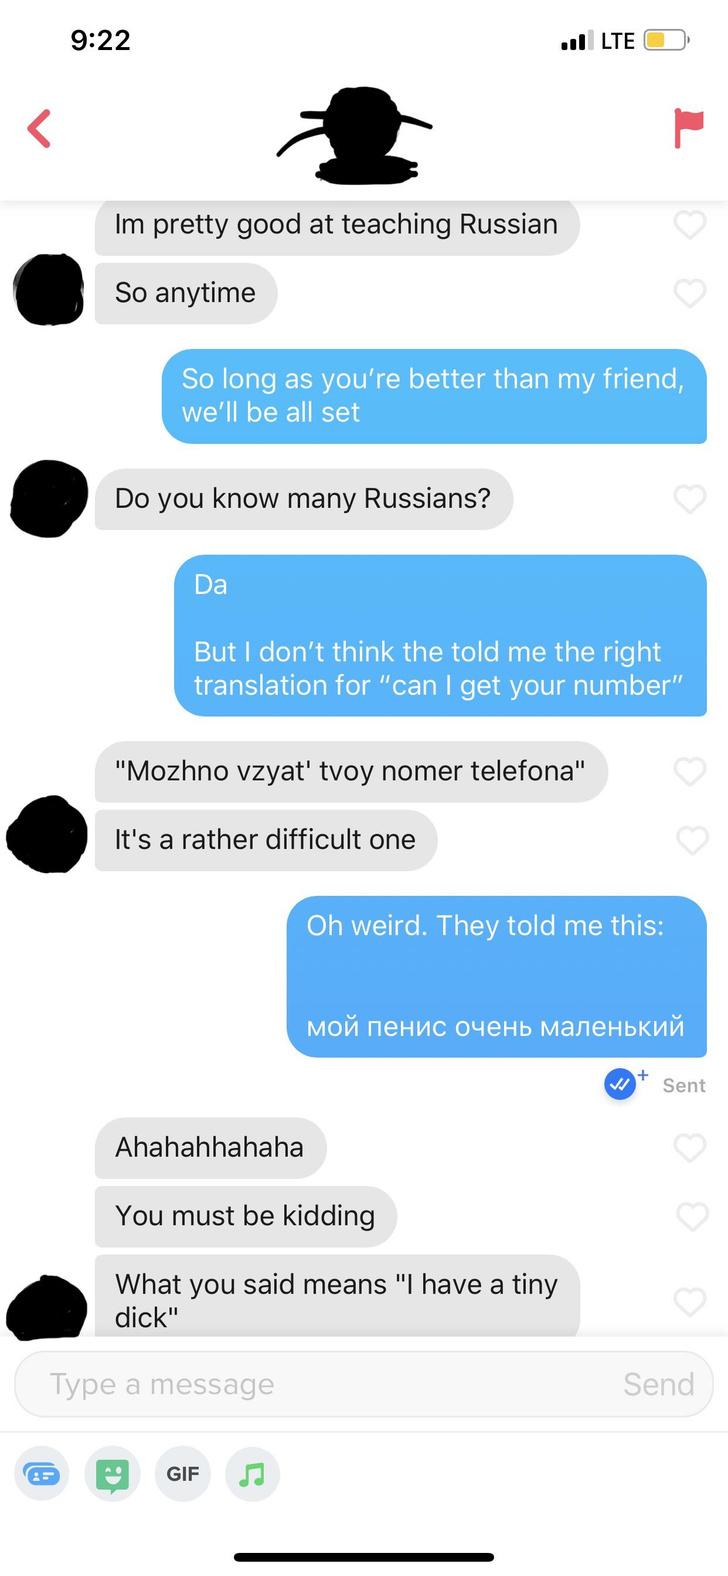 Фото №2 - Переписка в «Тиндере» с неправильным русским переводом от друзей стала вирусной